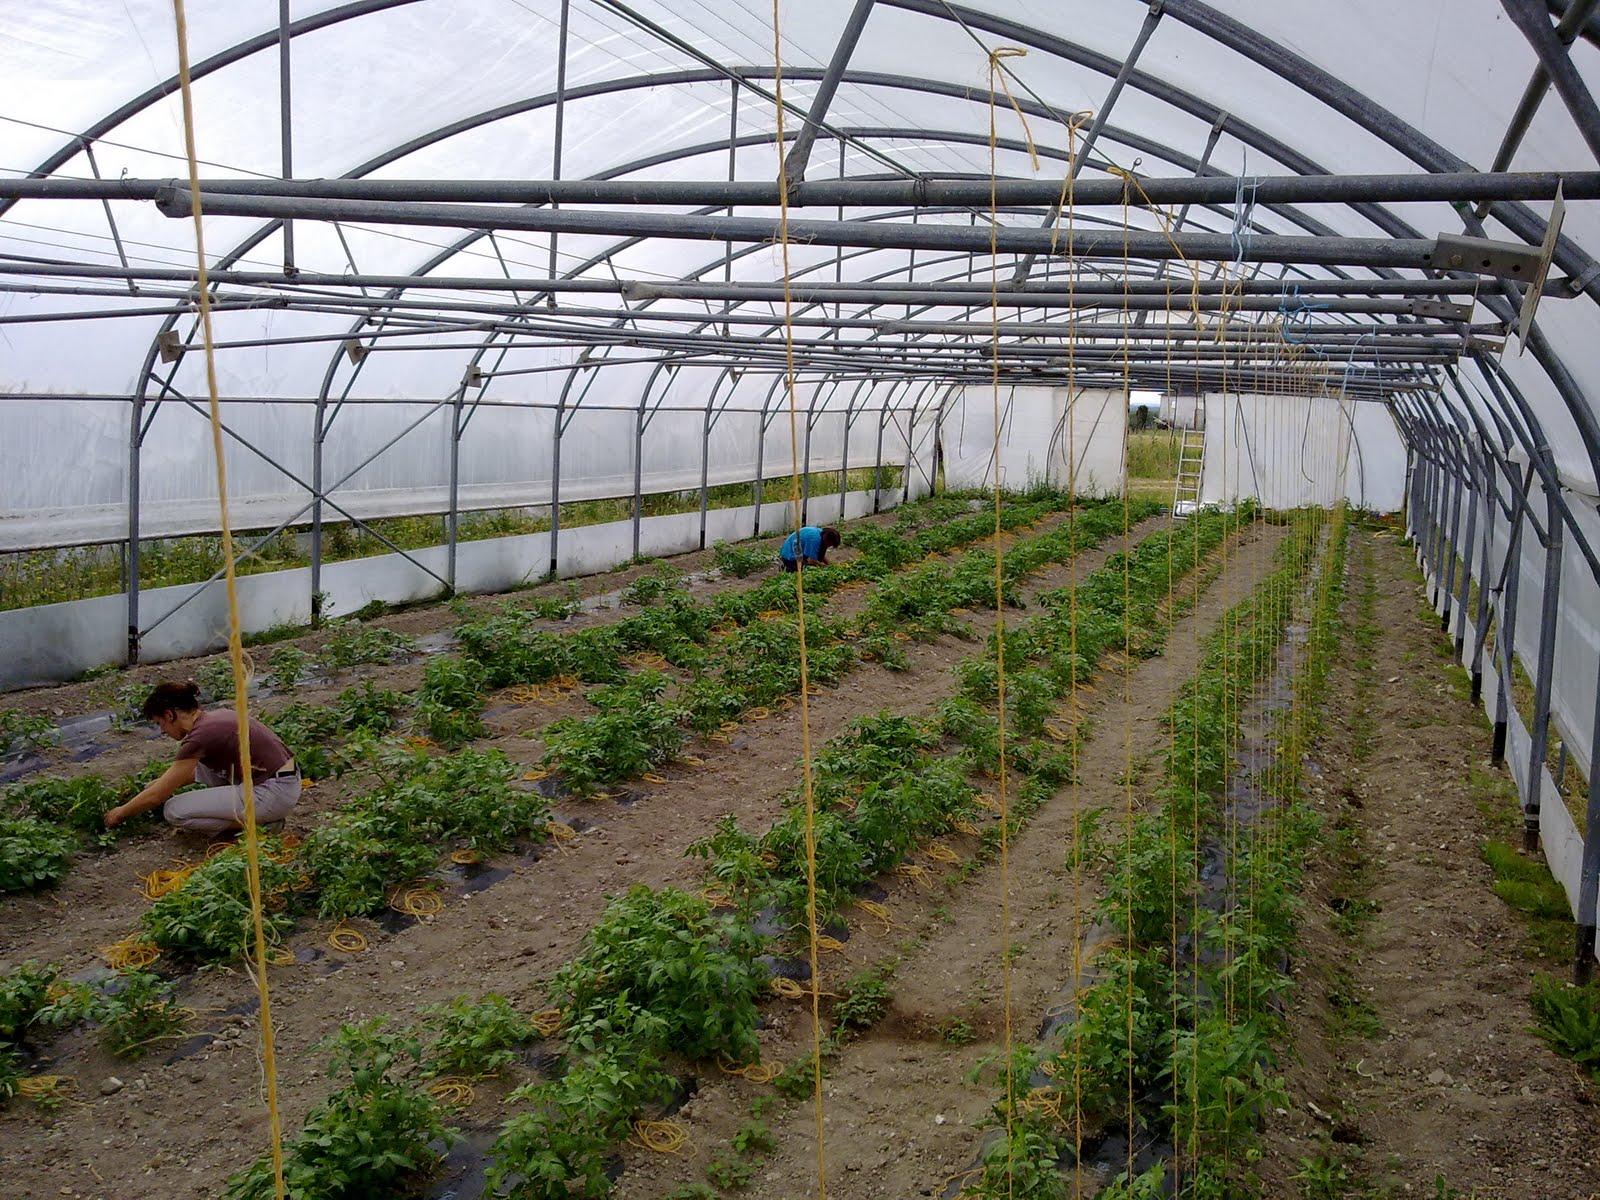 Fermopanier notre serre de tomates - Serre a tomate ...